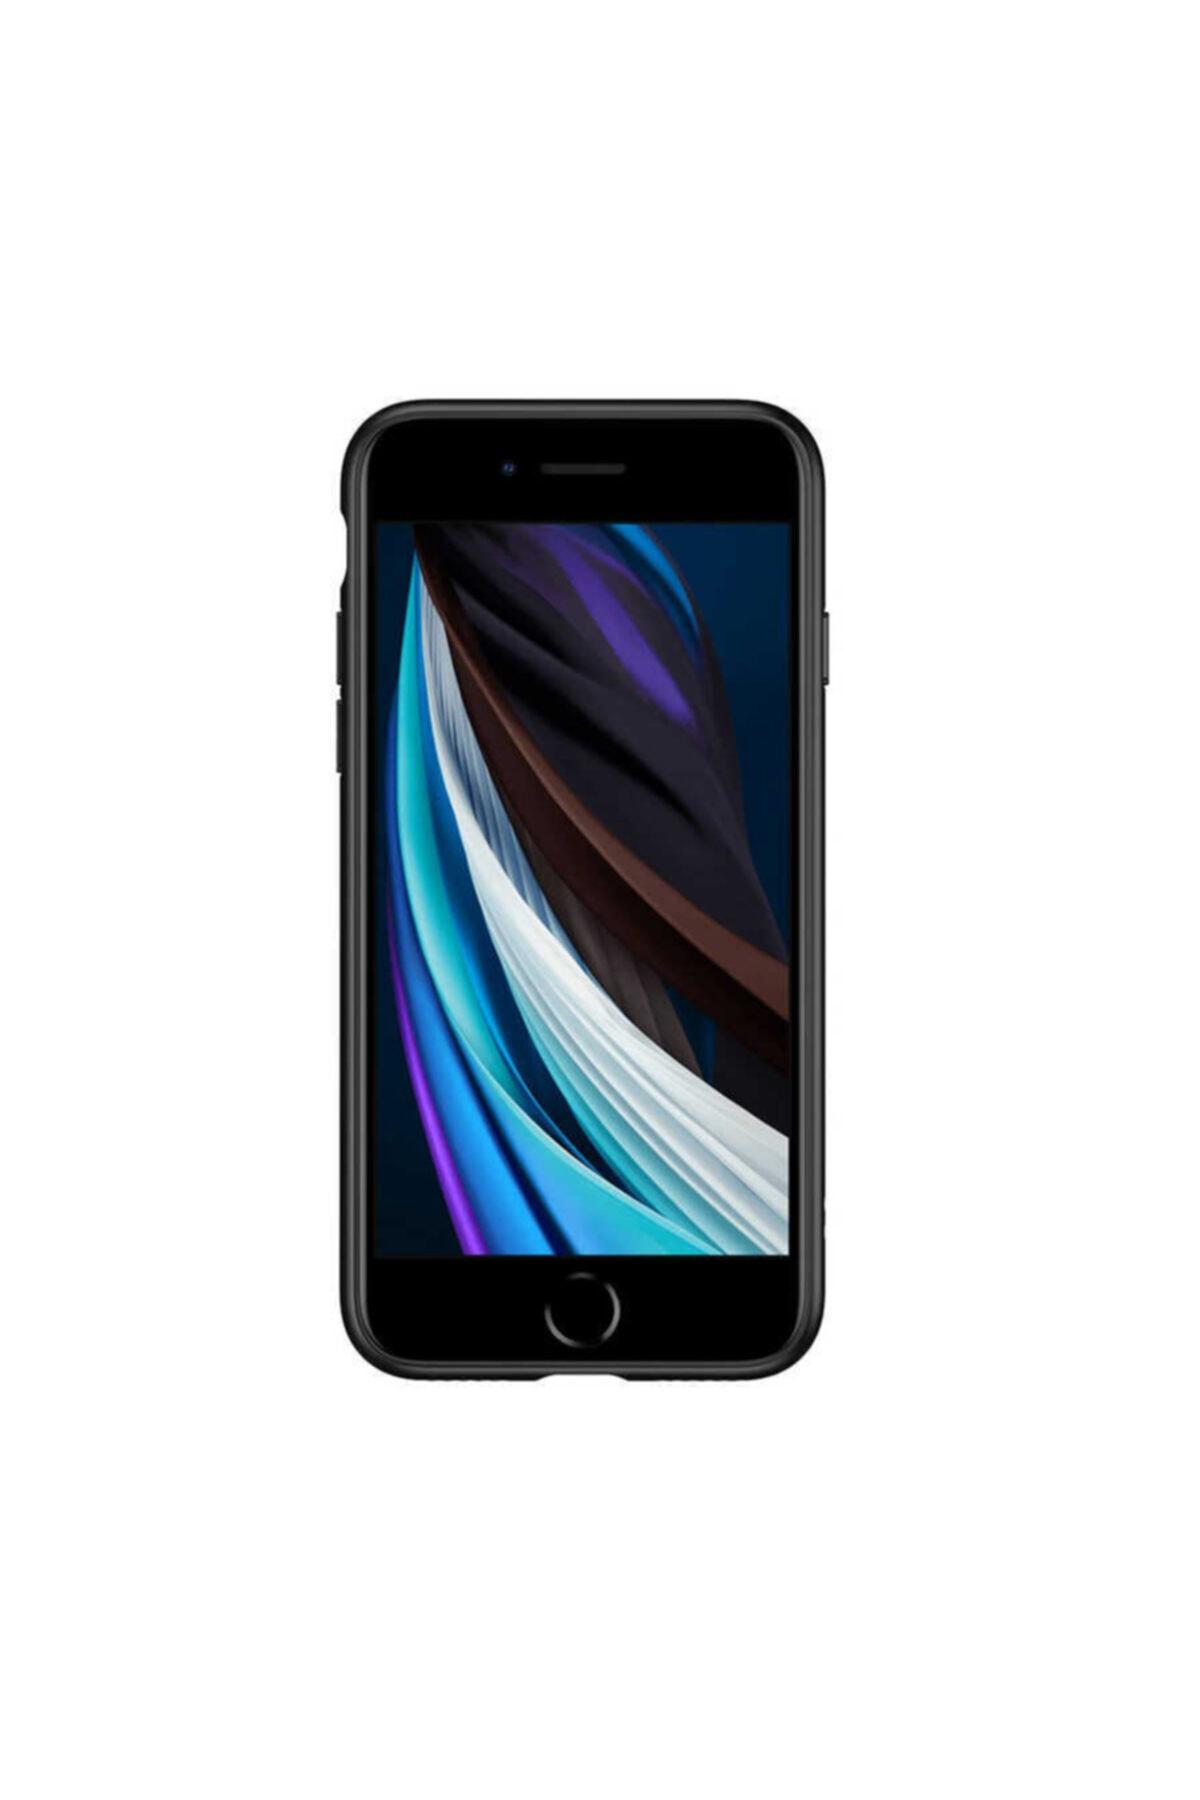 Zore Apple Iphone 7 Kılıf Kamera Korumalı Renkli Kenarlı Şeffaf Esnek Silikon Kapak